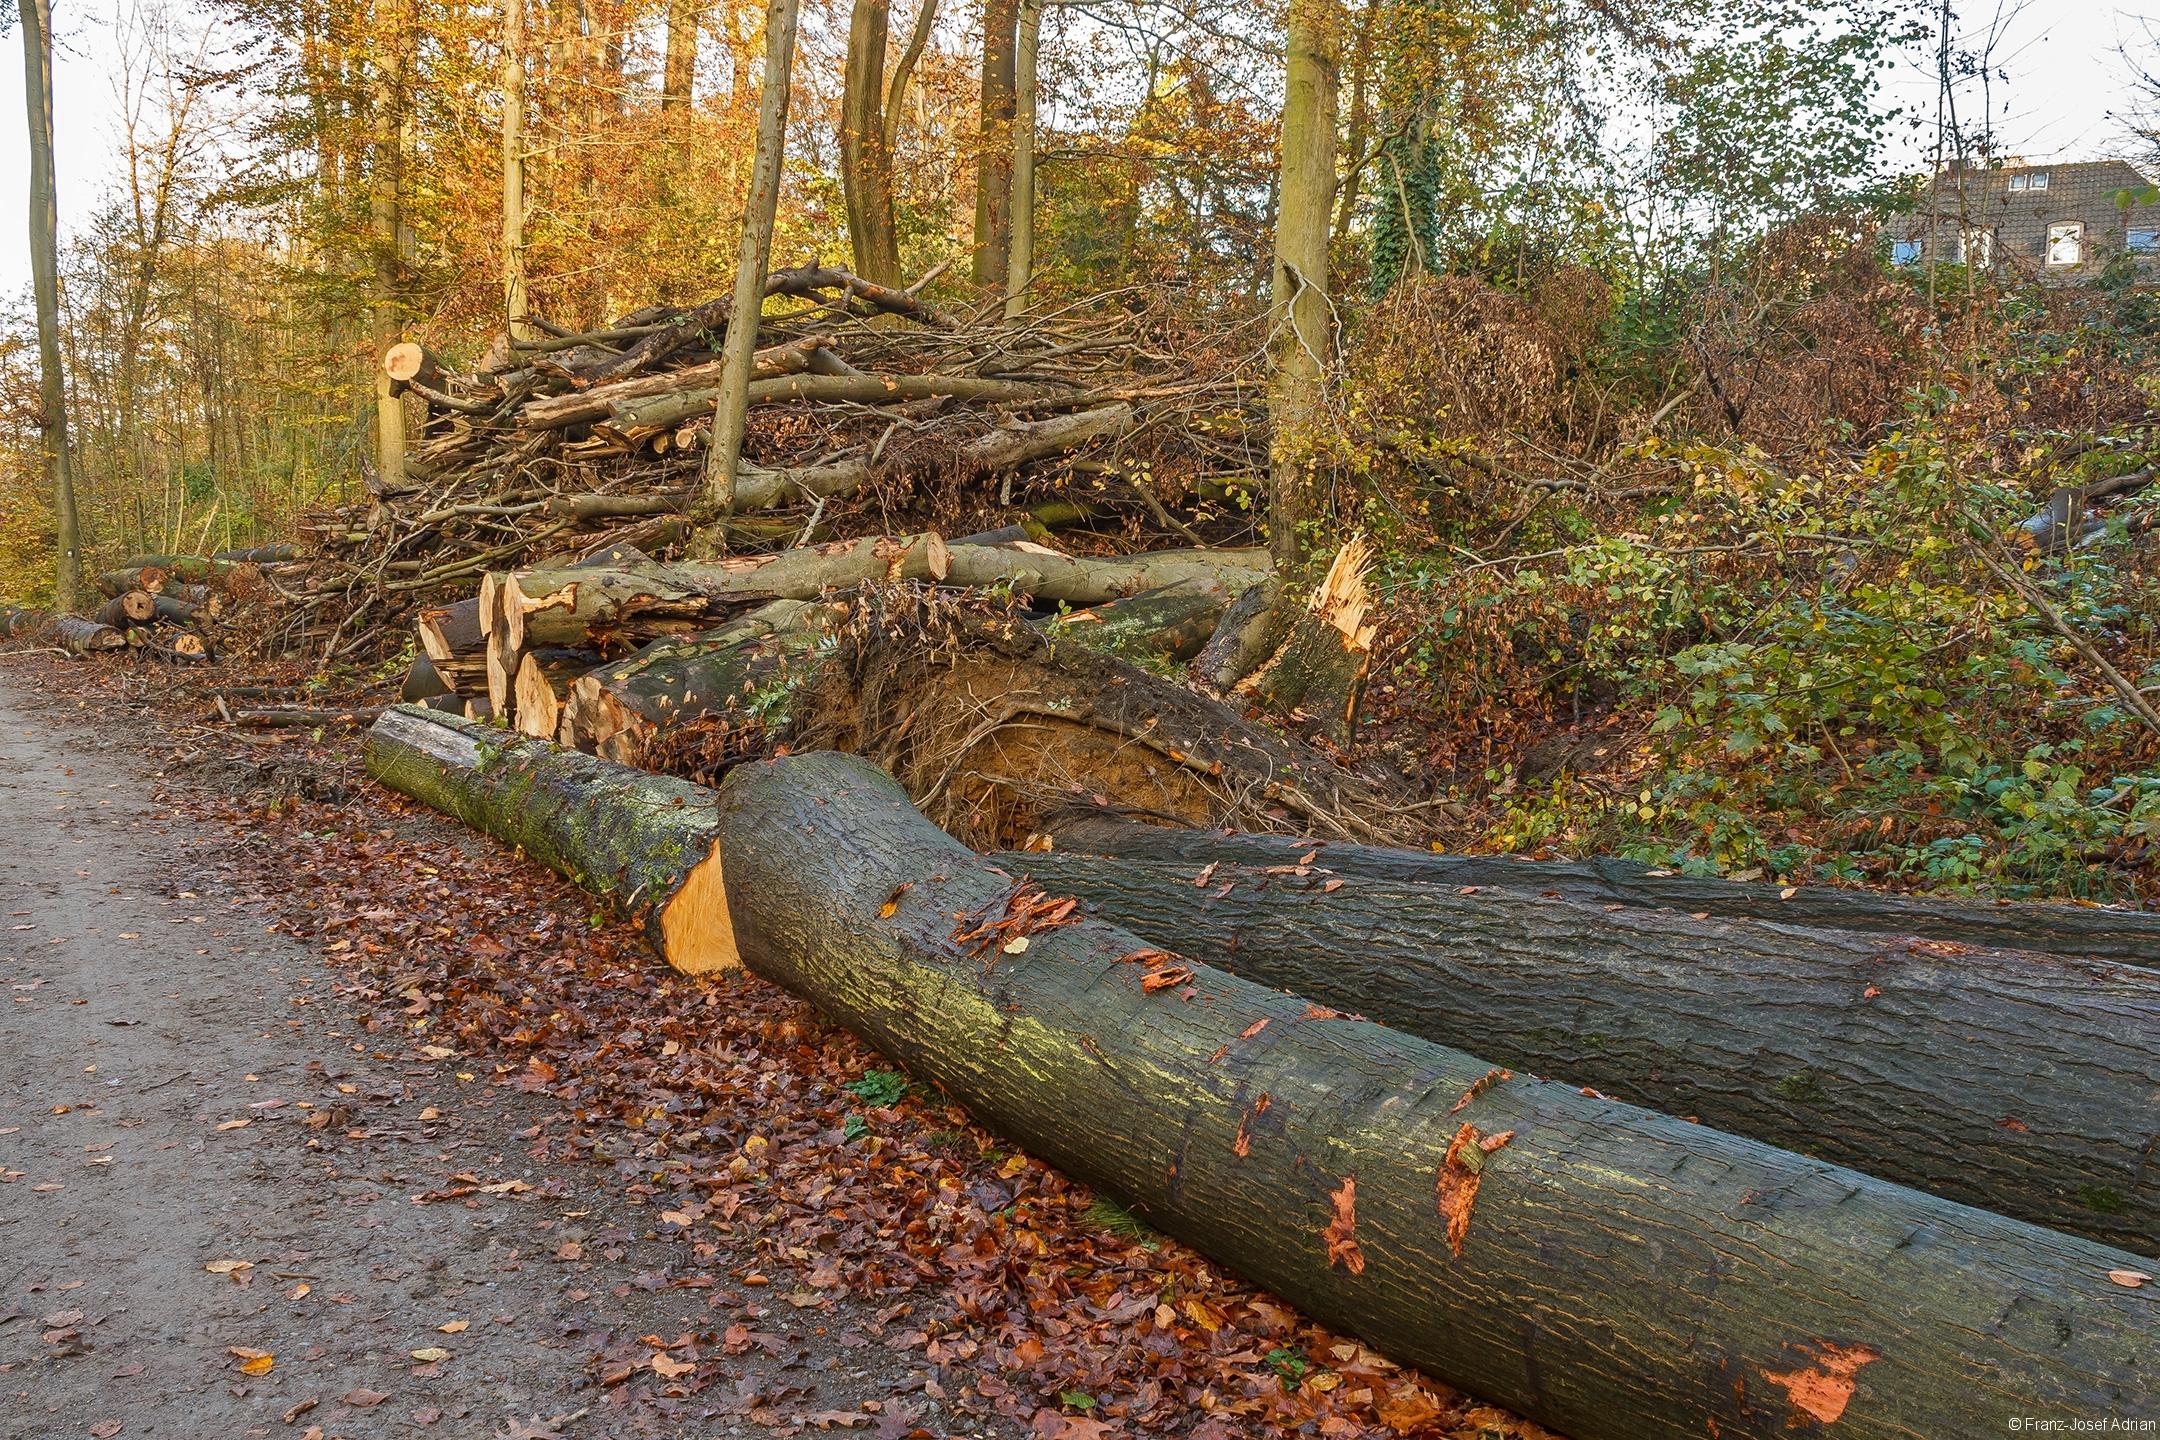 Das Holz darf nicht im Wald vermodern, sondern wird verbrannt.